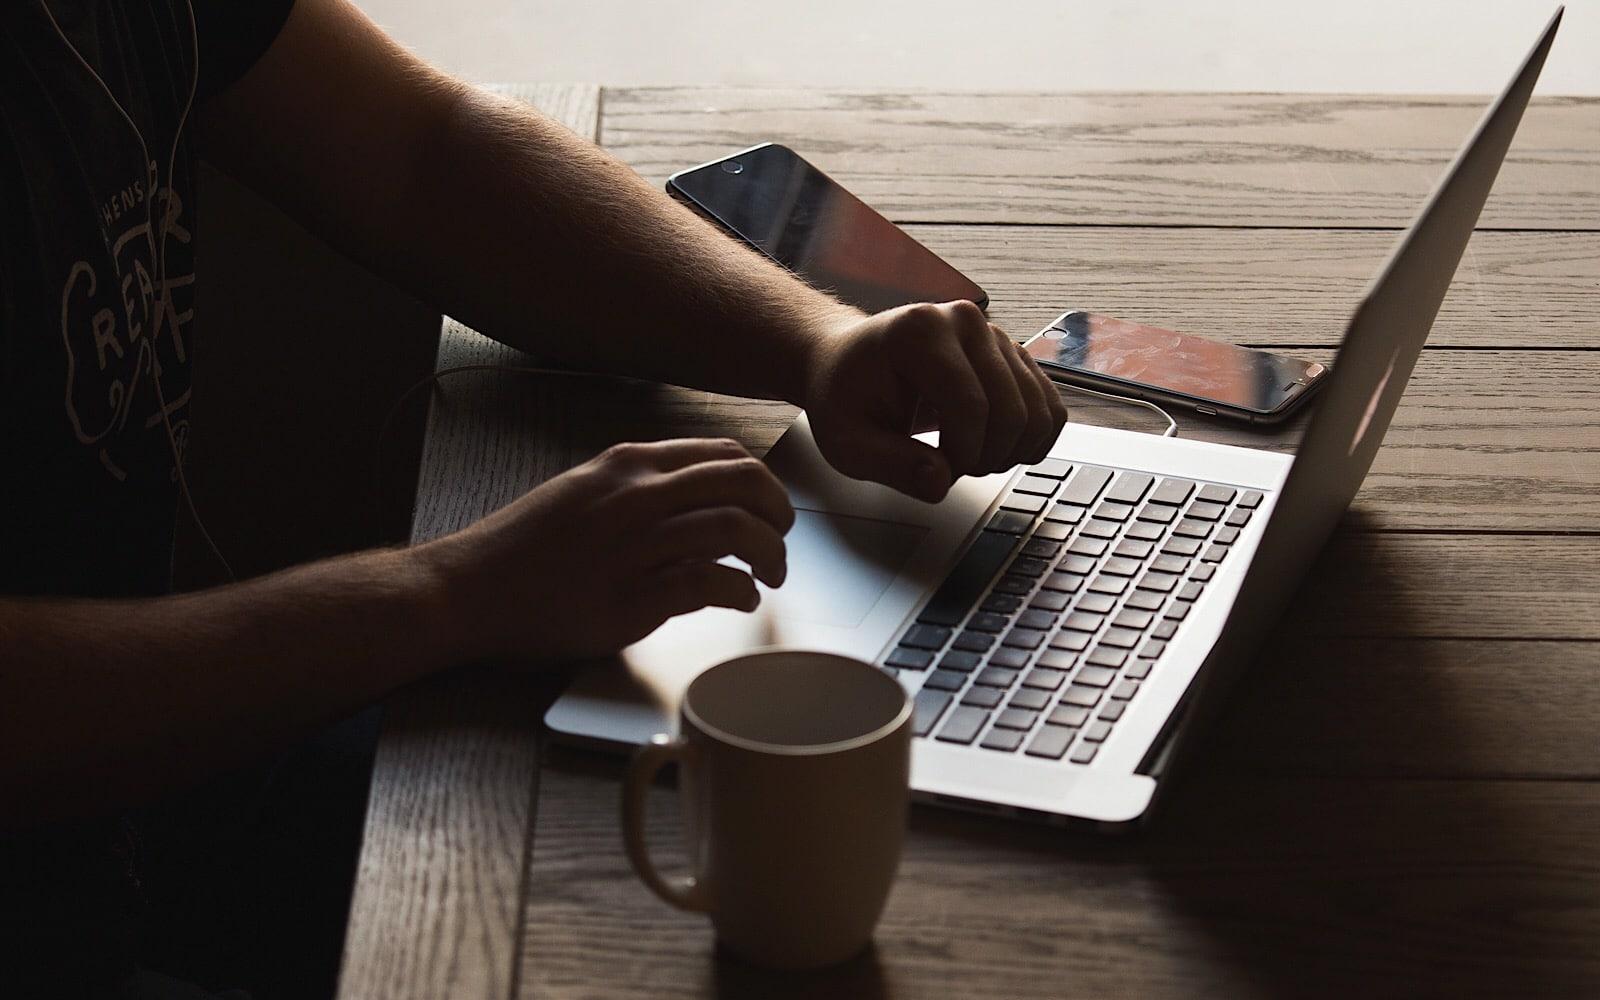 Computer, emails, smartphones, iPhones